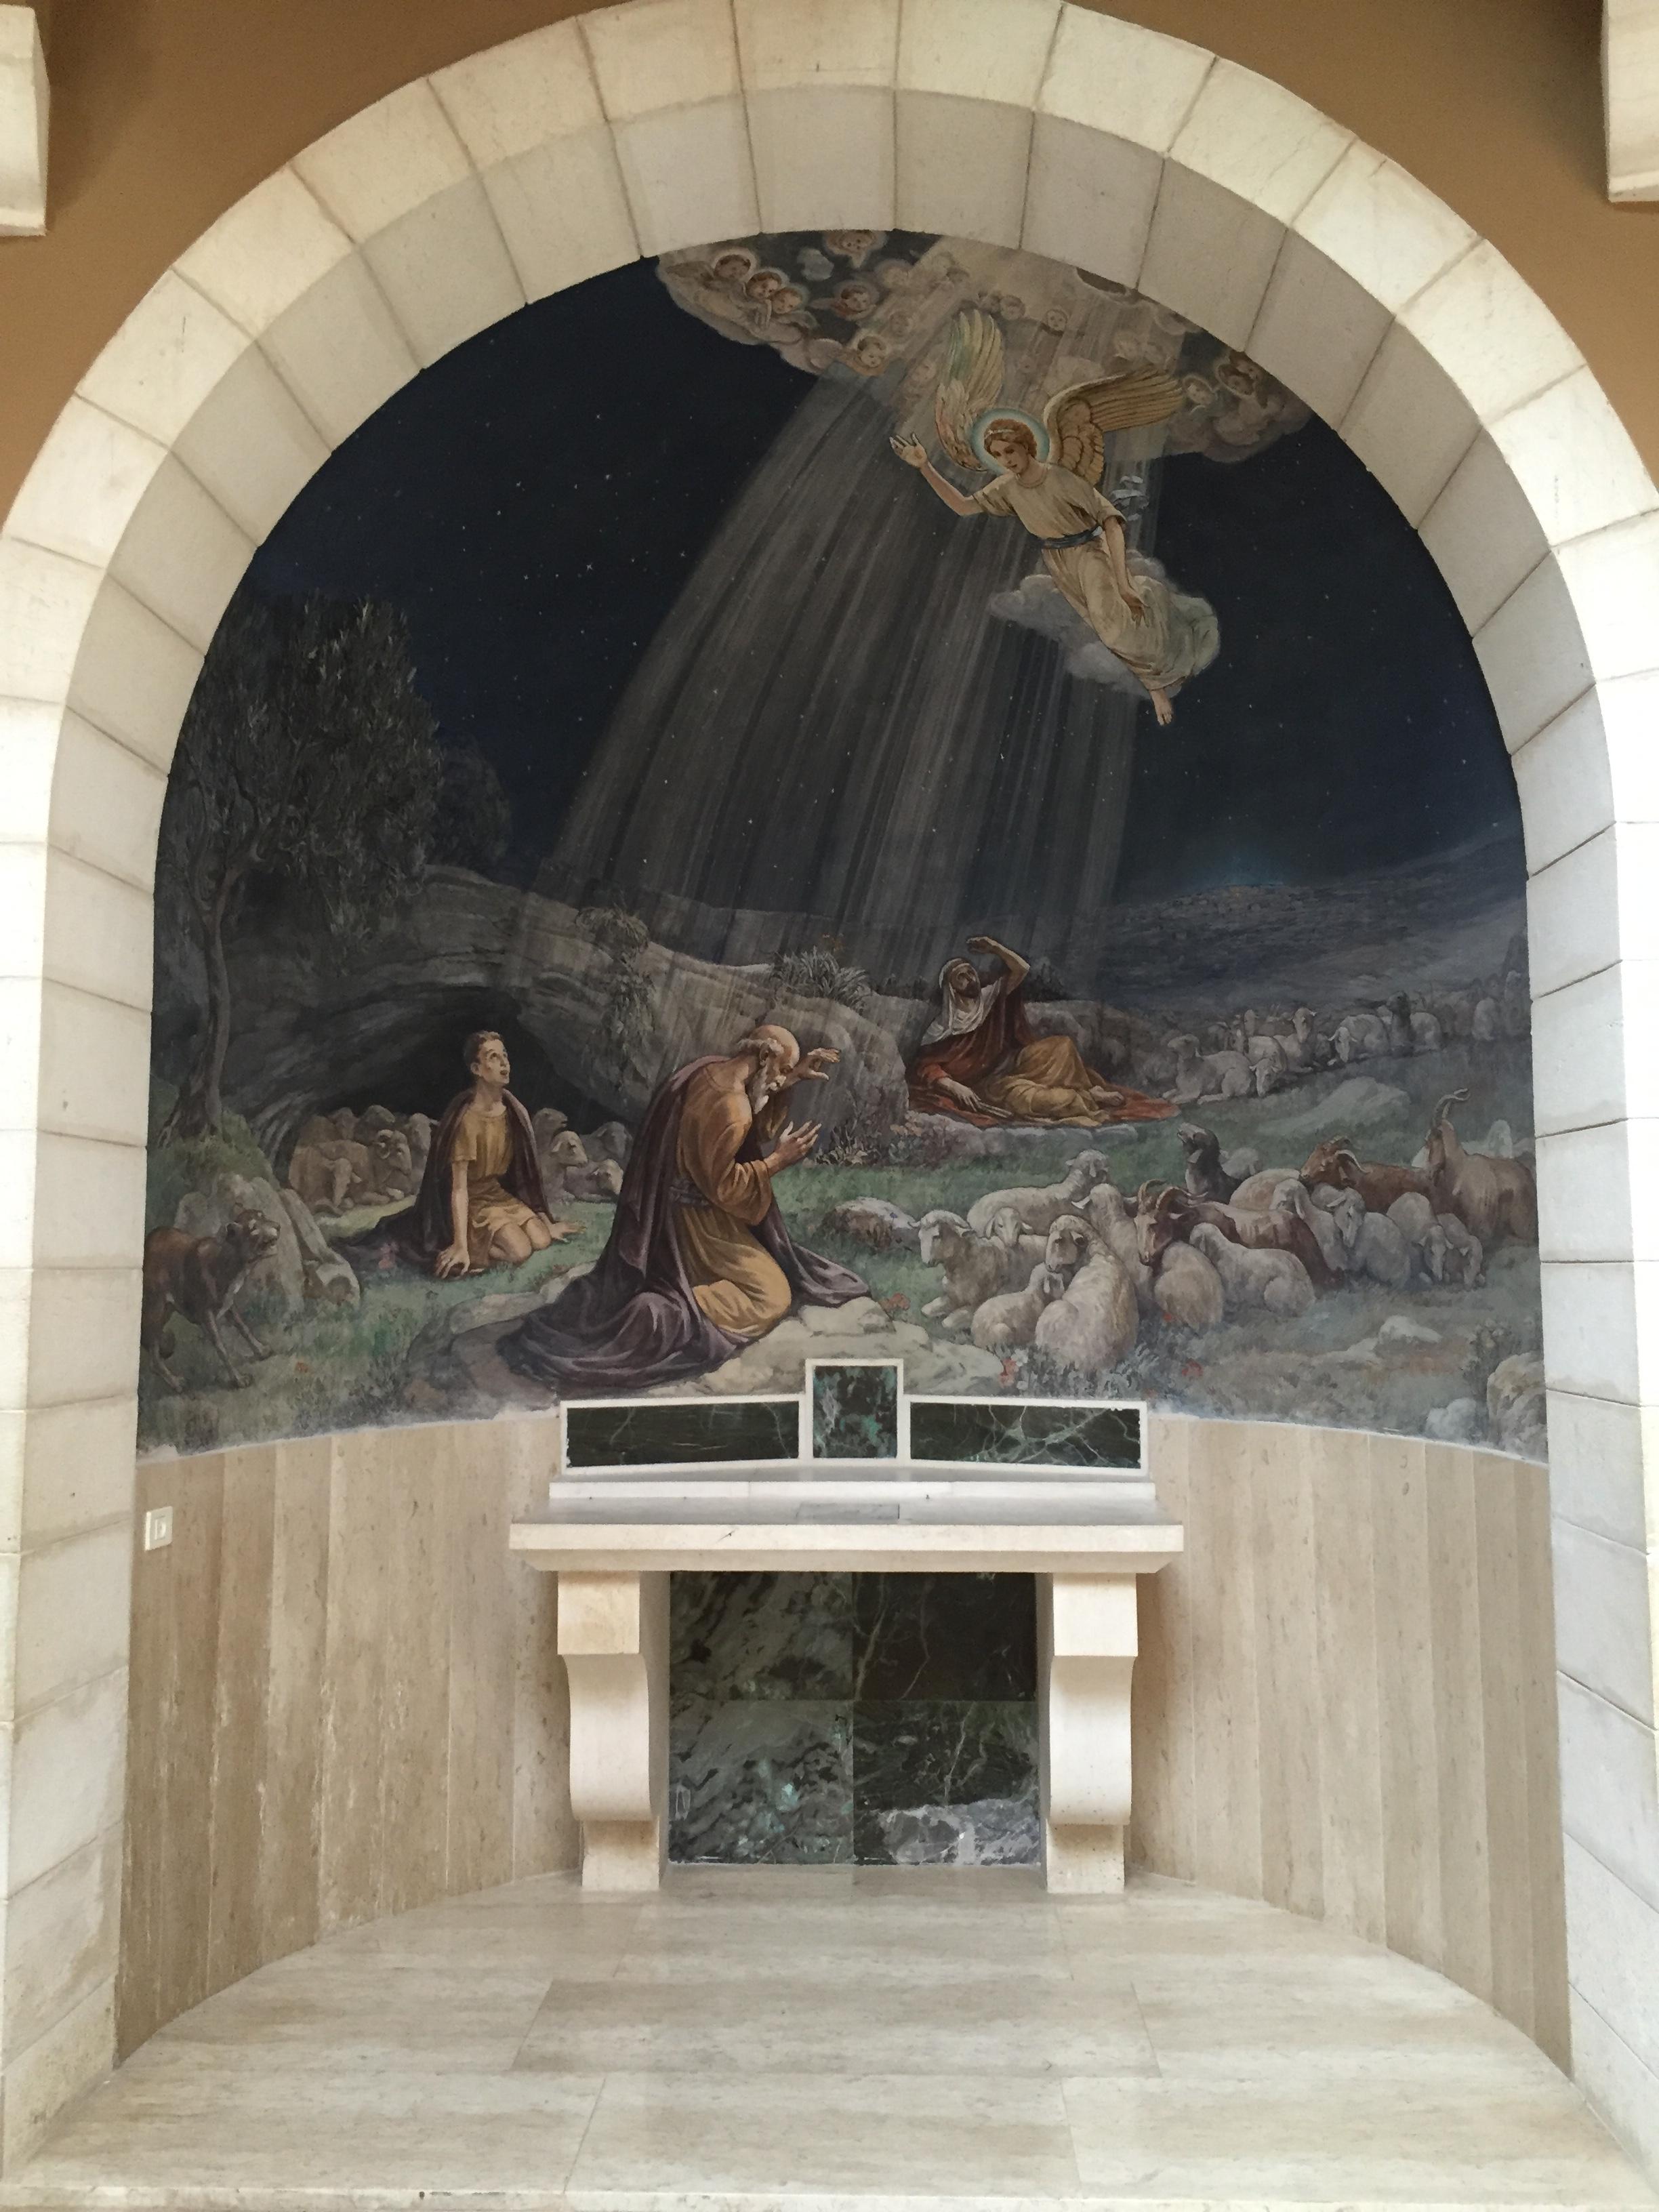 080_Bethlehem_Chapel_of_Shepherds_Fields